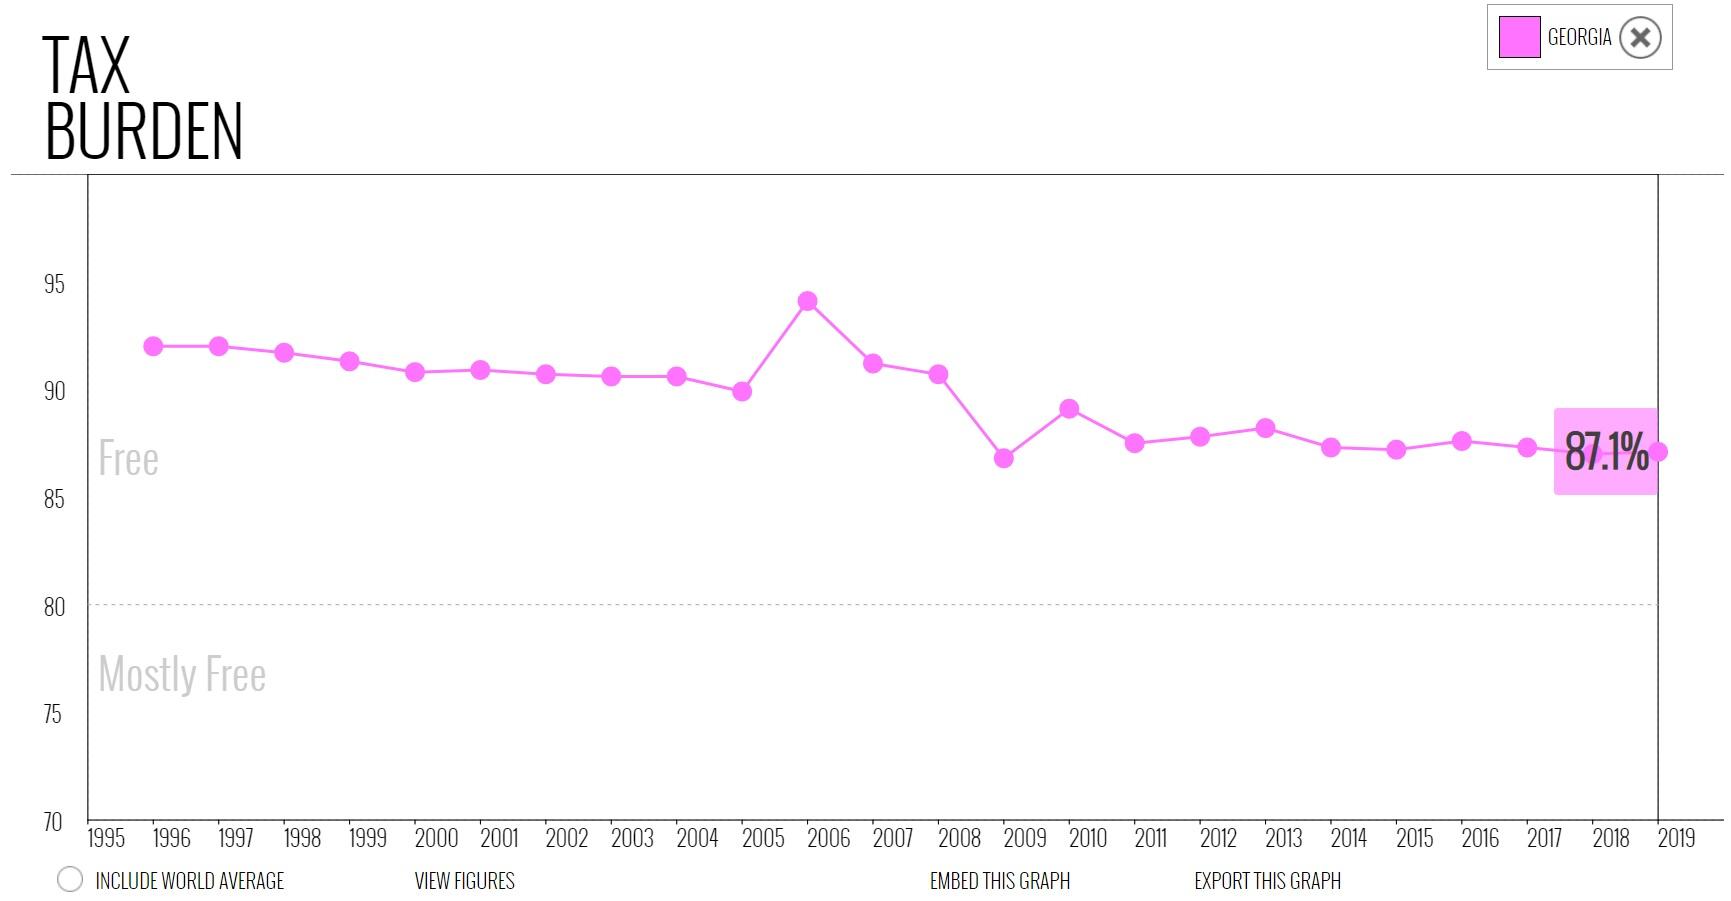 نمودار شاخص ازادی بار مالیاتی یا Tax Burden در گرجستان در میان سالهای 1995 تا 2019